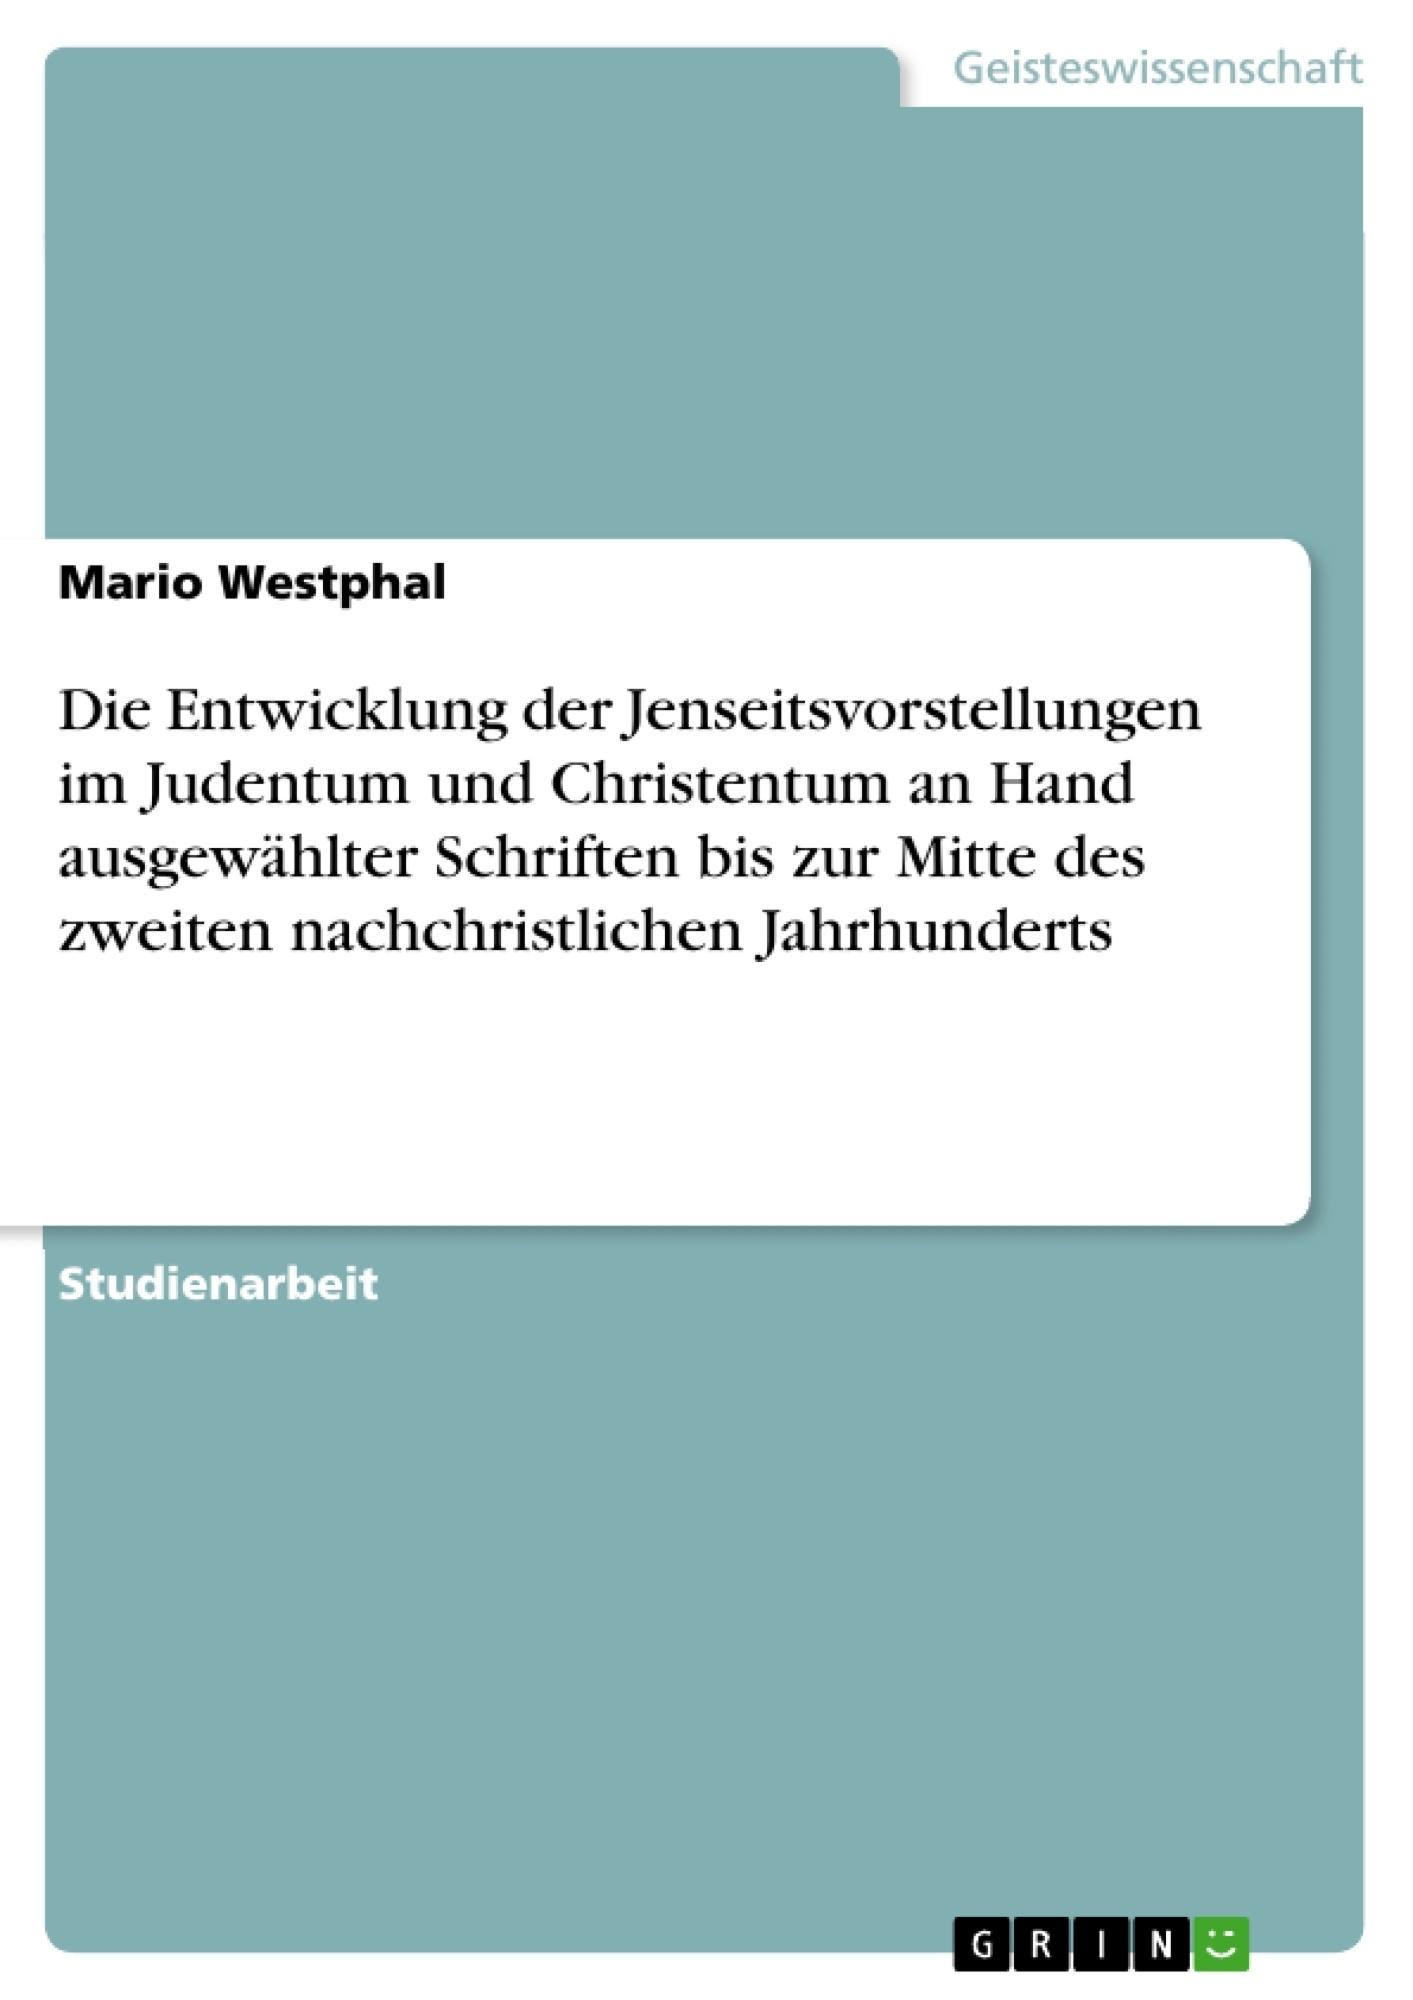 Titel: Die Entwicklung der Jenseitsvorstellungen im Judentum und Christentum an Hand ausgewählter Schriften bis zur Mitte des zweiten nachchristlichen Jahrhunderts